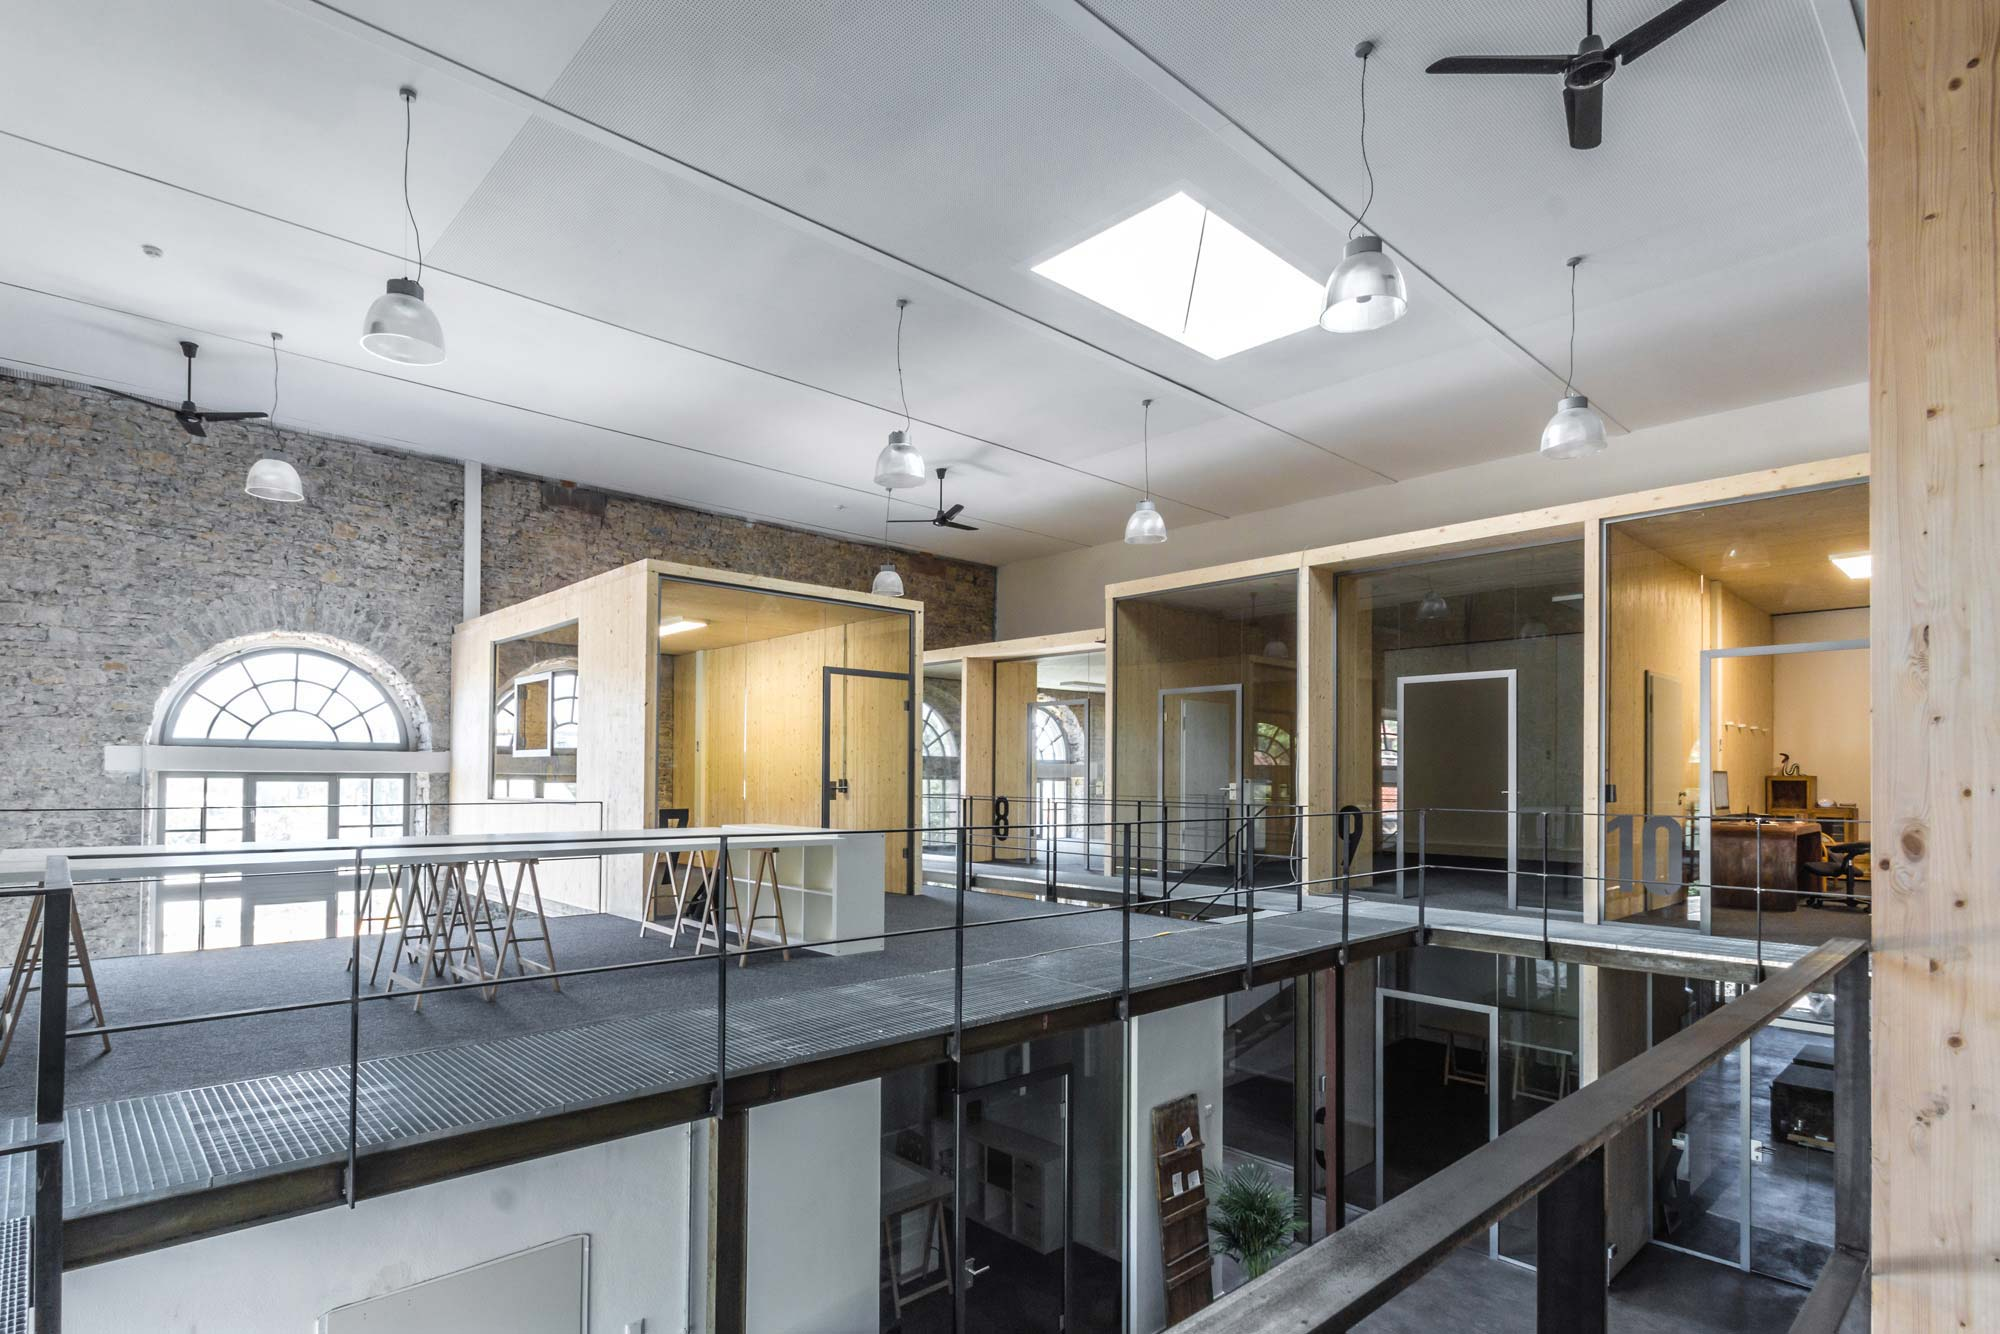 Festverglasungen in historischem Gebäude